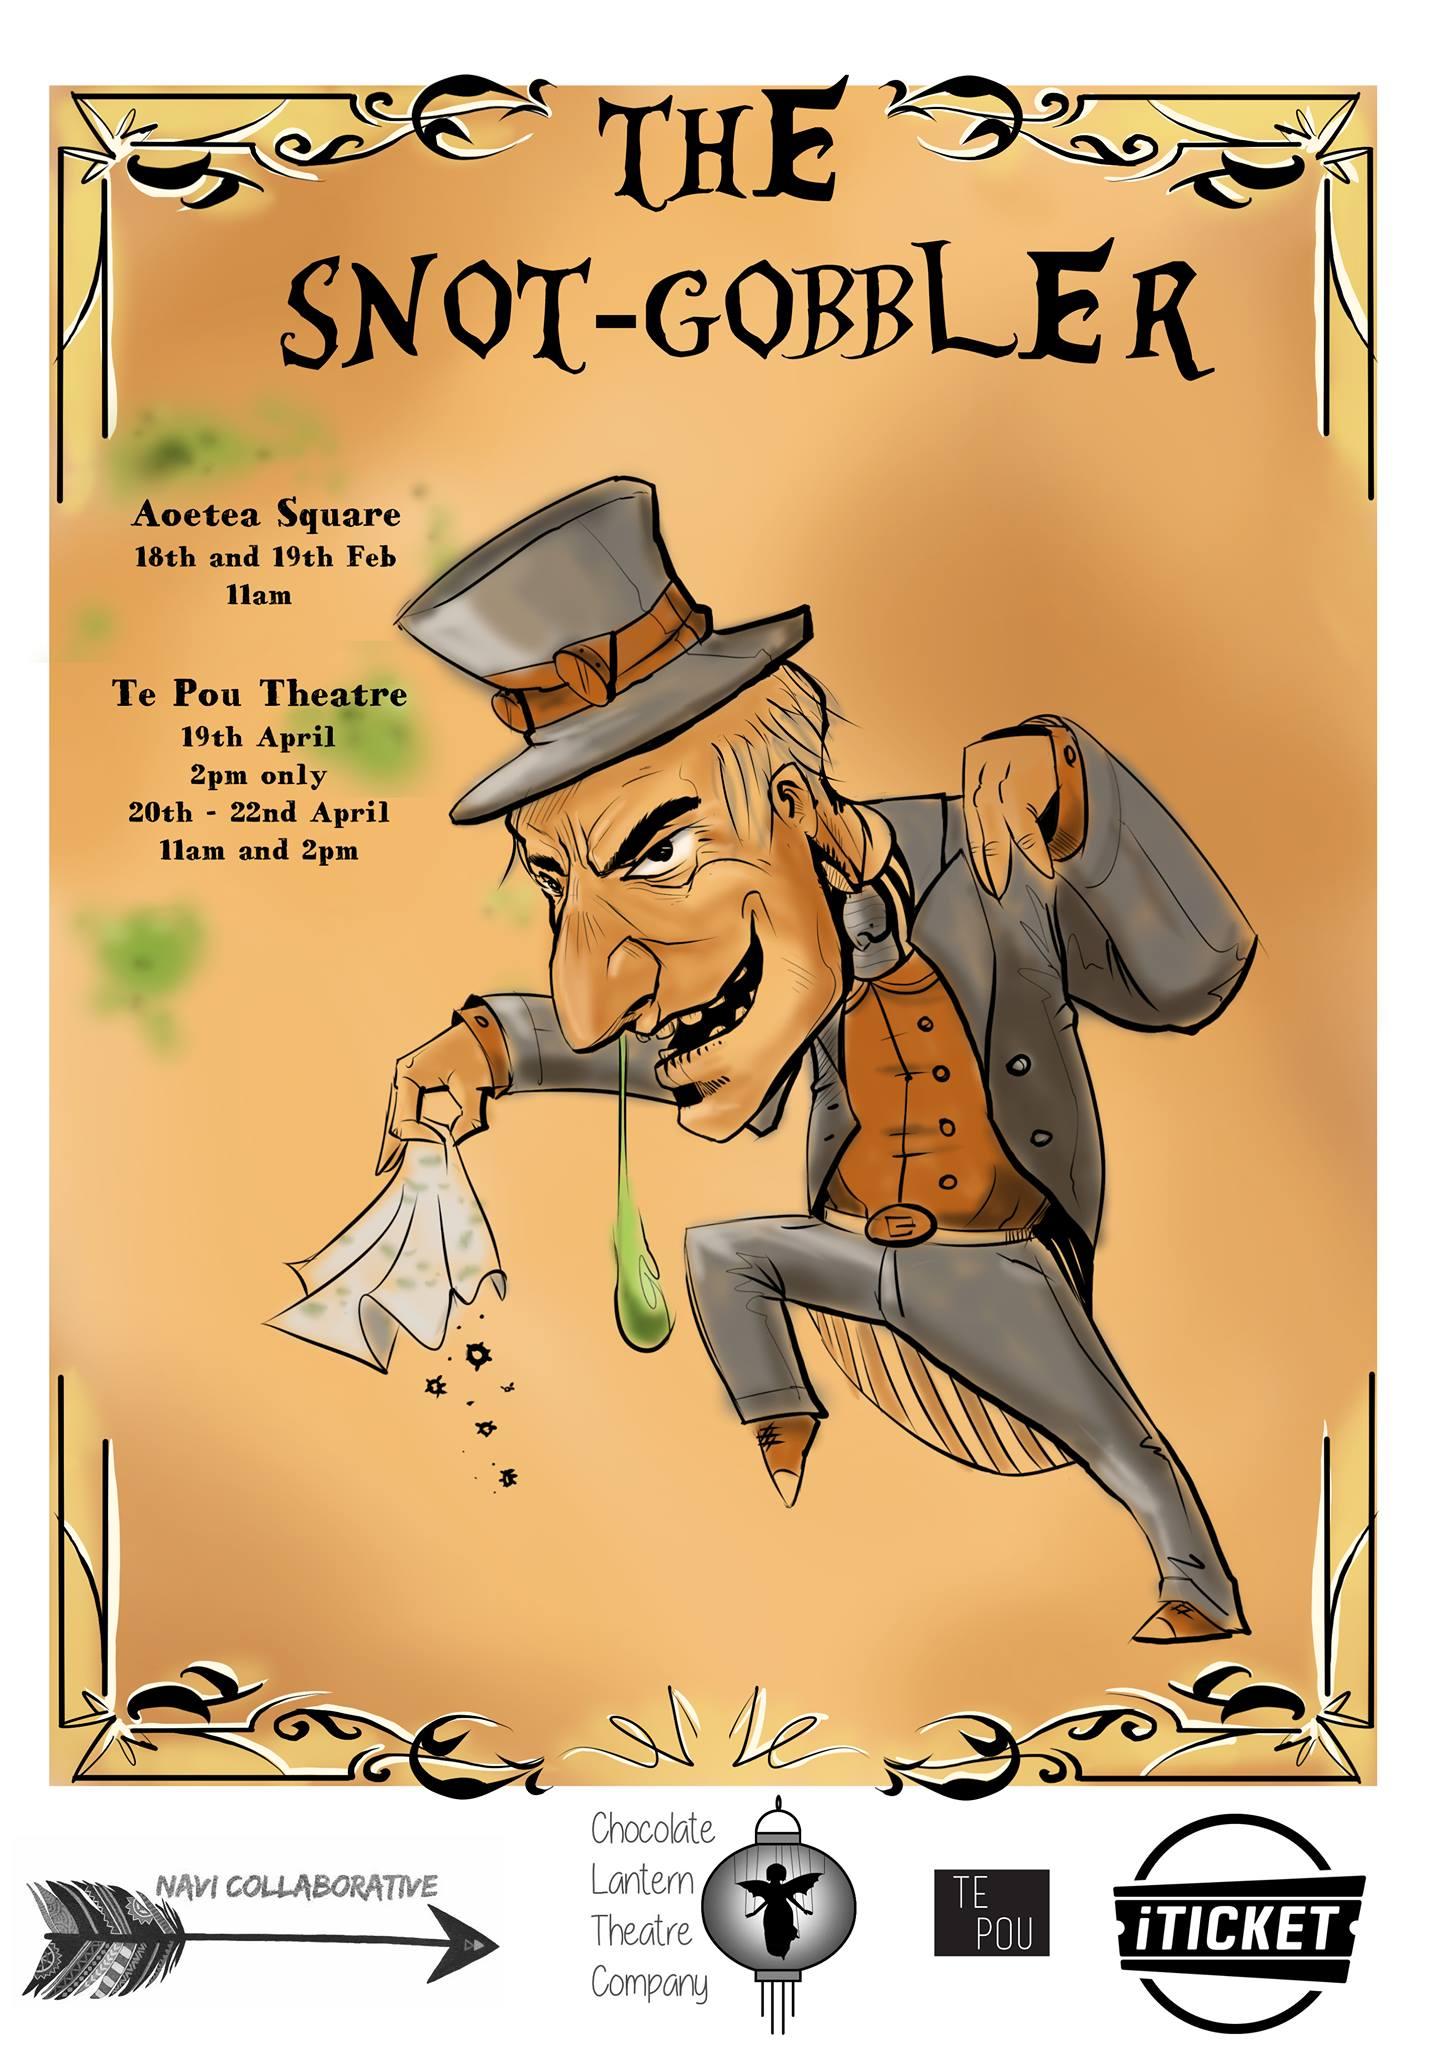 The Snot-Gobbler